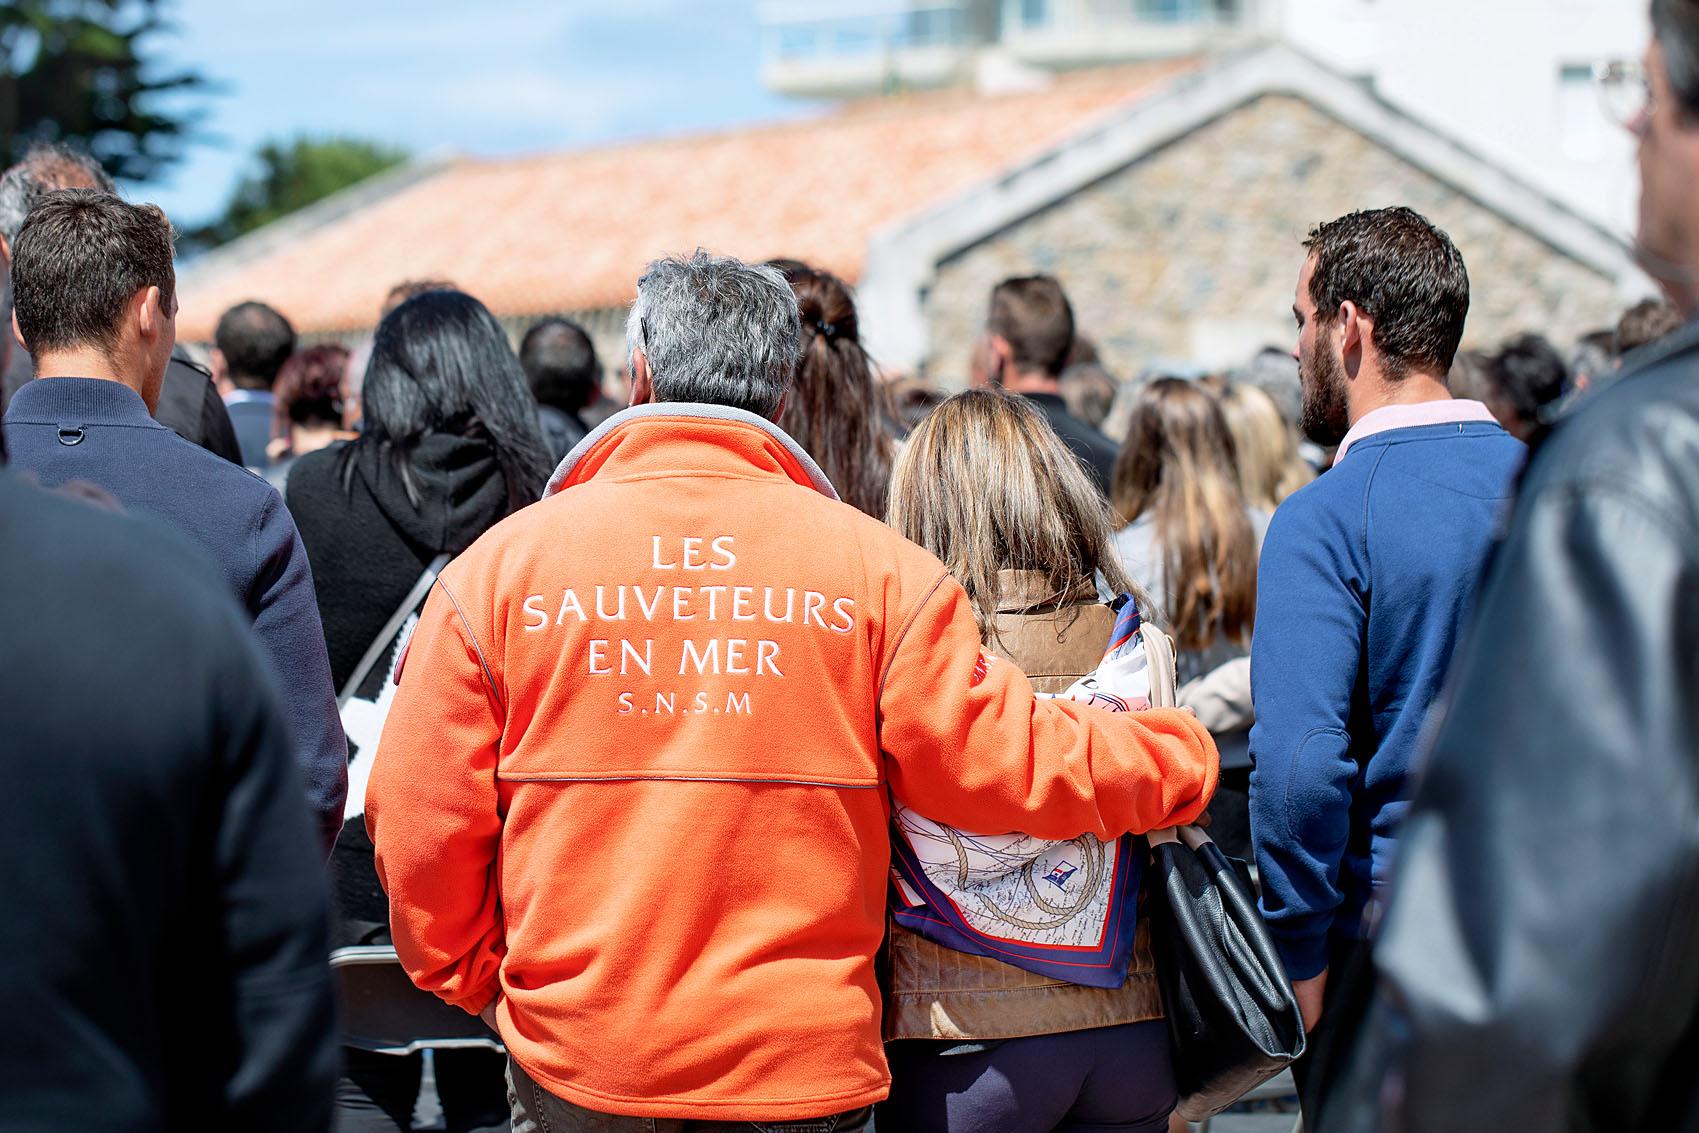 2019, juin, Les Sables d'Olonne. Hommage national aux sauveteurs du canot Jack Morisseau qui a fait naufrage à proximité immédiate de la plage de Tanchet lors de la tempête Miguel du 7 juin 2019. Cérémonie présidée par Emmanuel Macron.